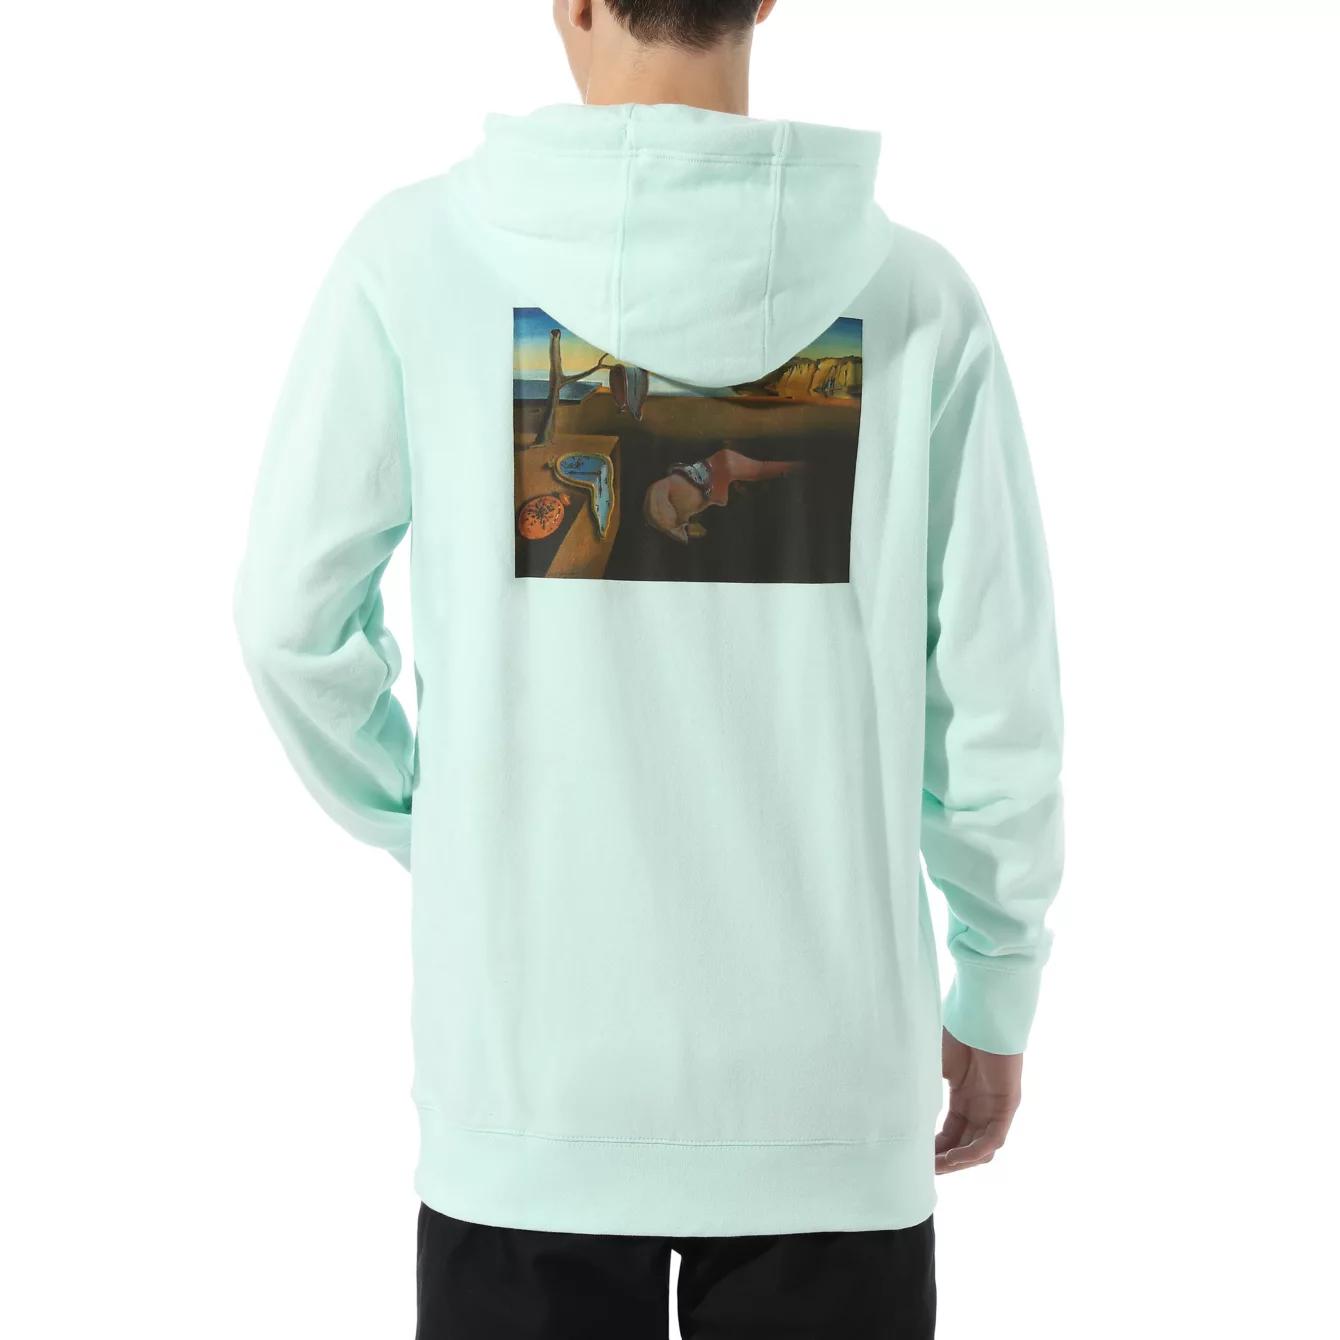 Sudadera con capucha Vans MoMA Salvador Dalí